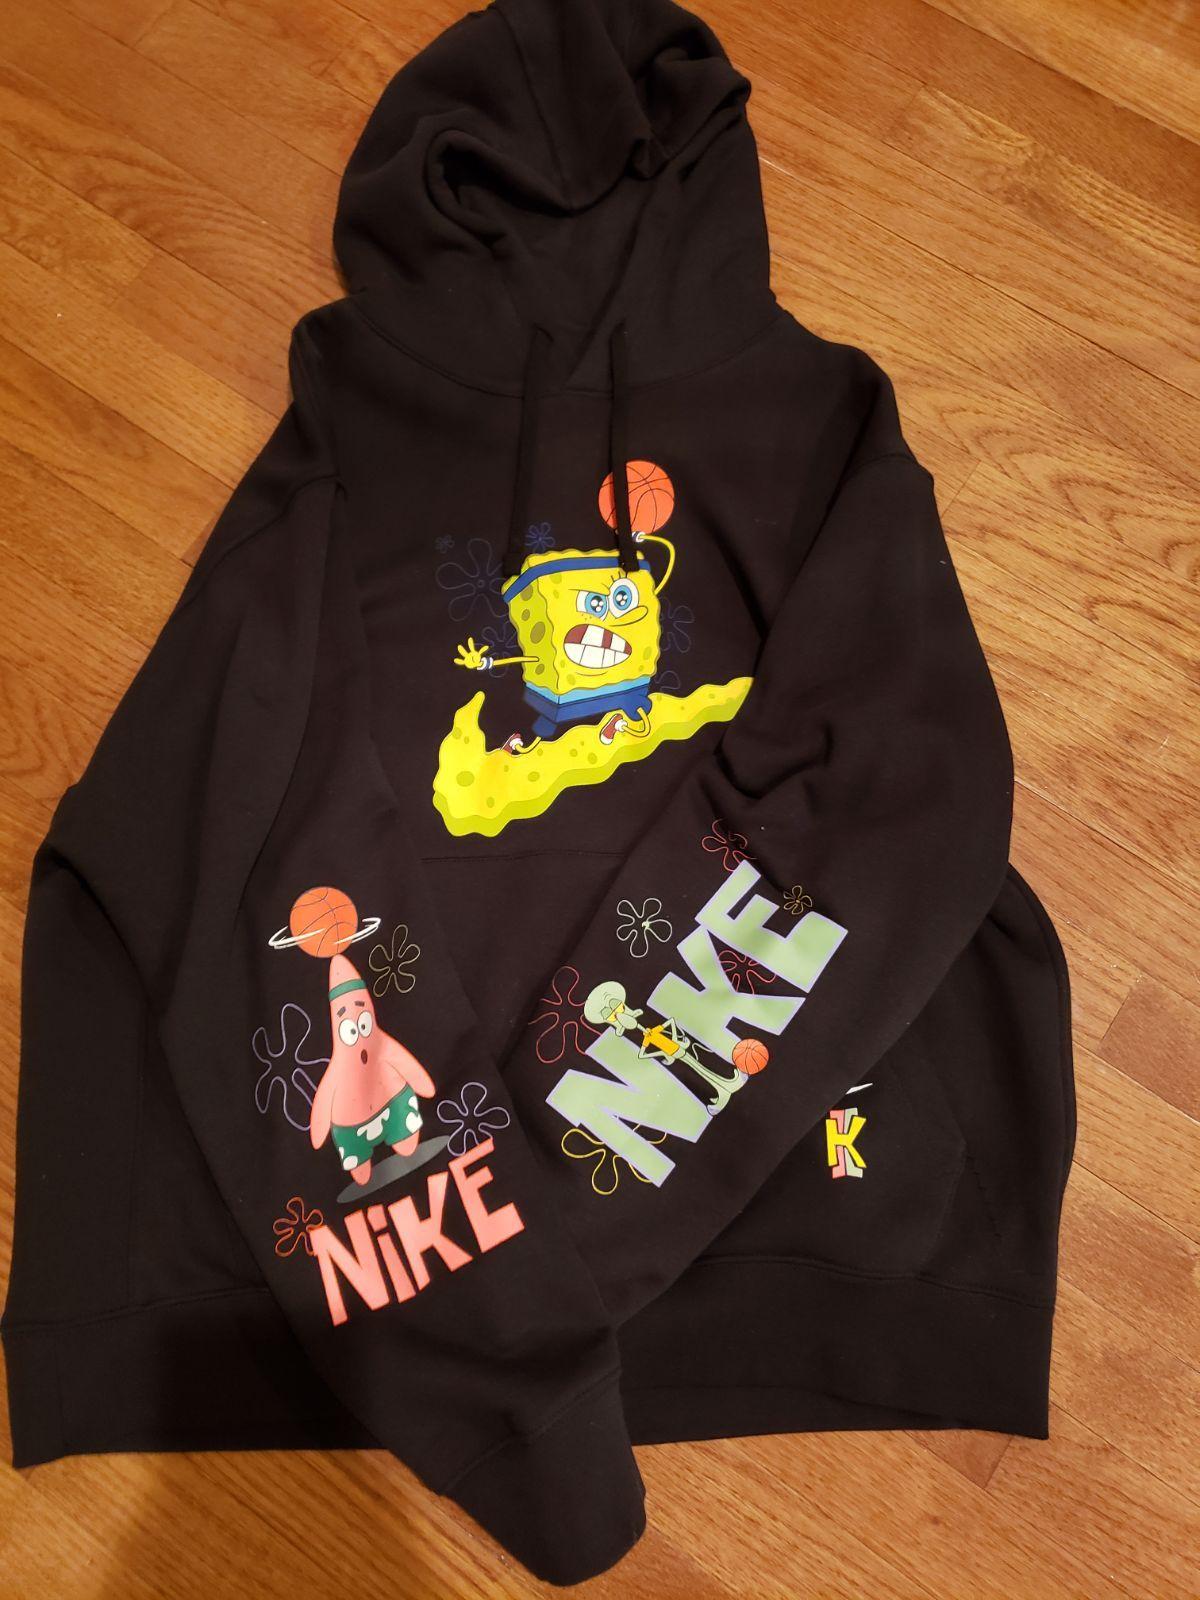 Nike Kyrie Spongebob Hoodie Mercari Trendy Hoodies Stylish Hoodies Vintage Hoodies [ 1600 x 1200 Pixel ]